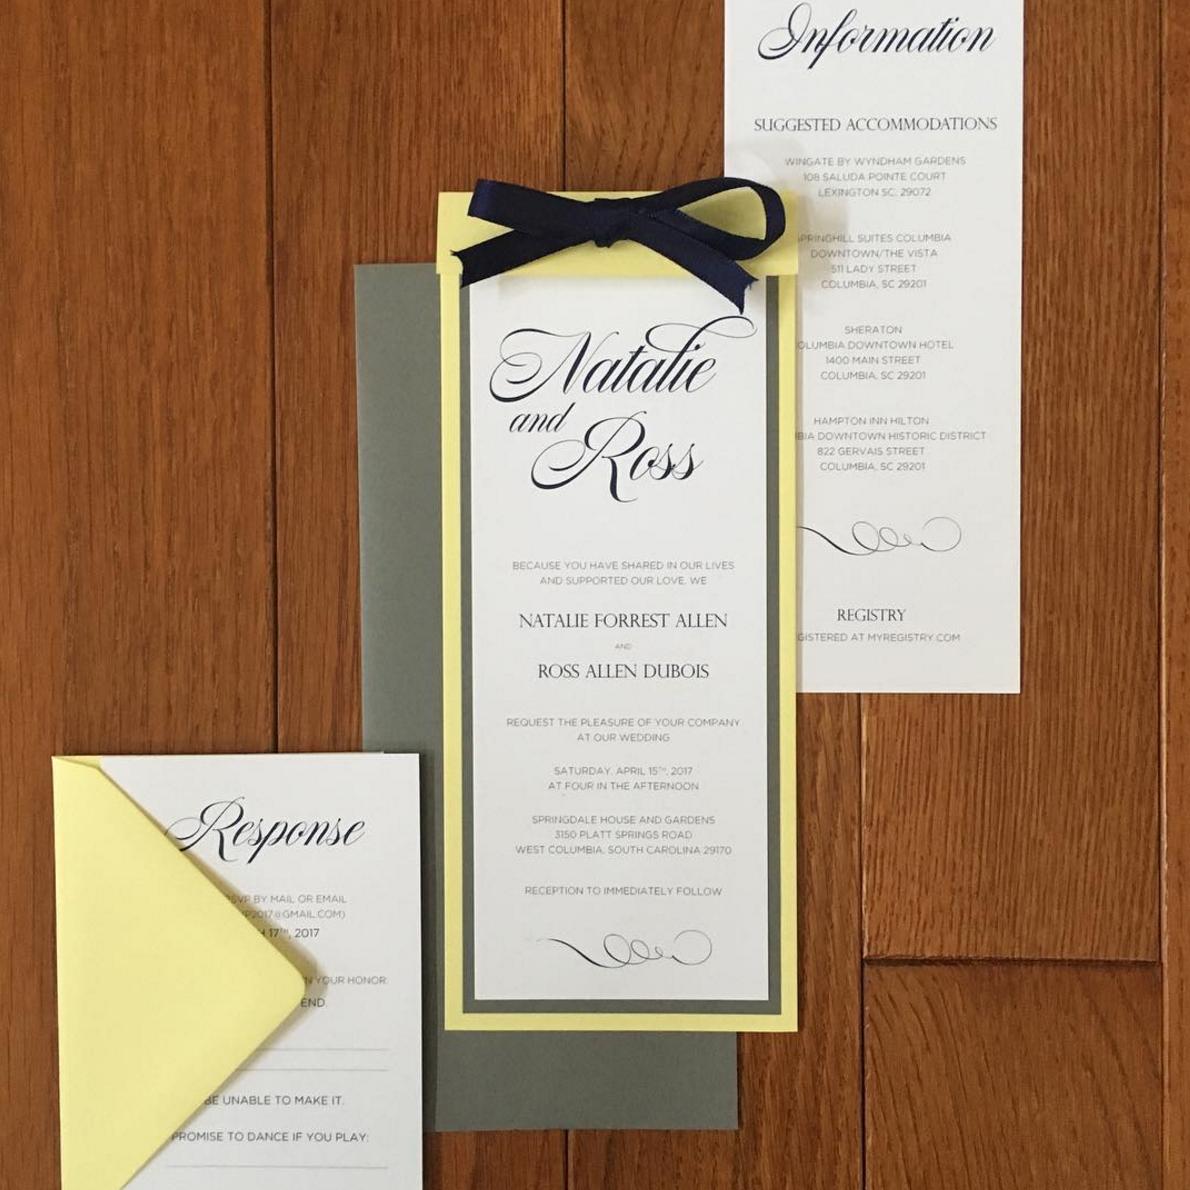 Invitations - Chris P. Design